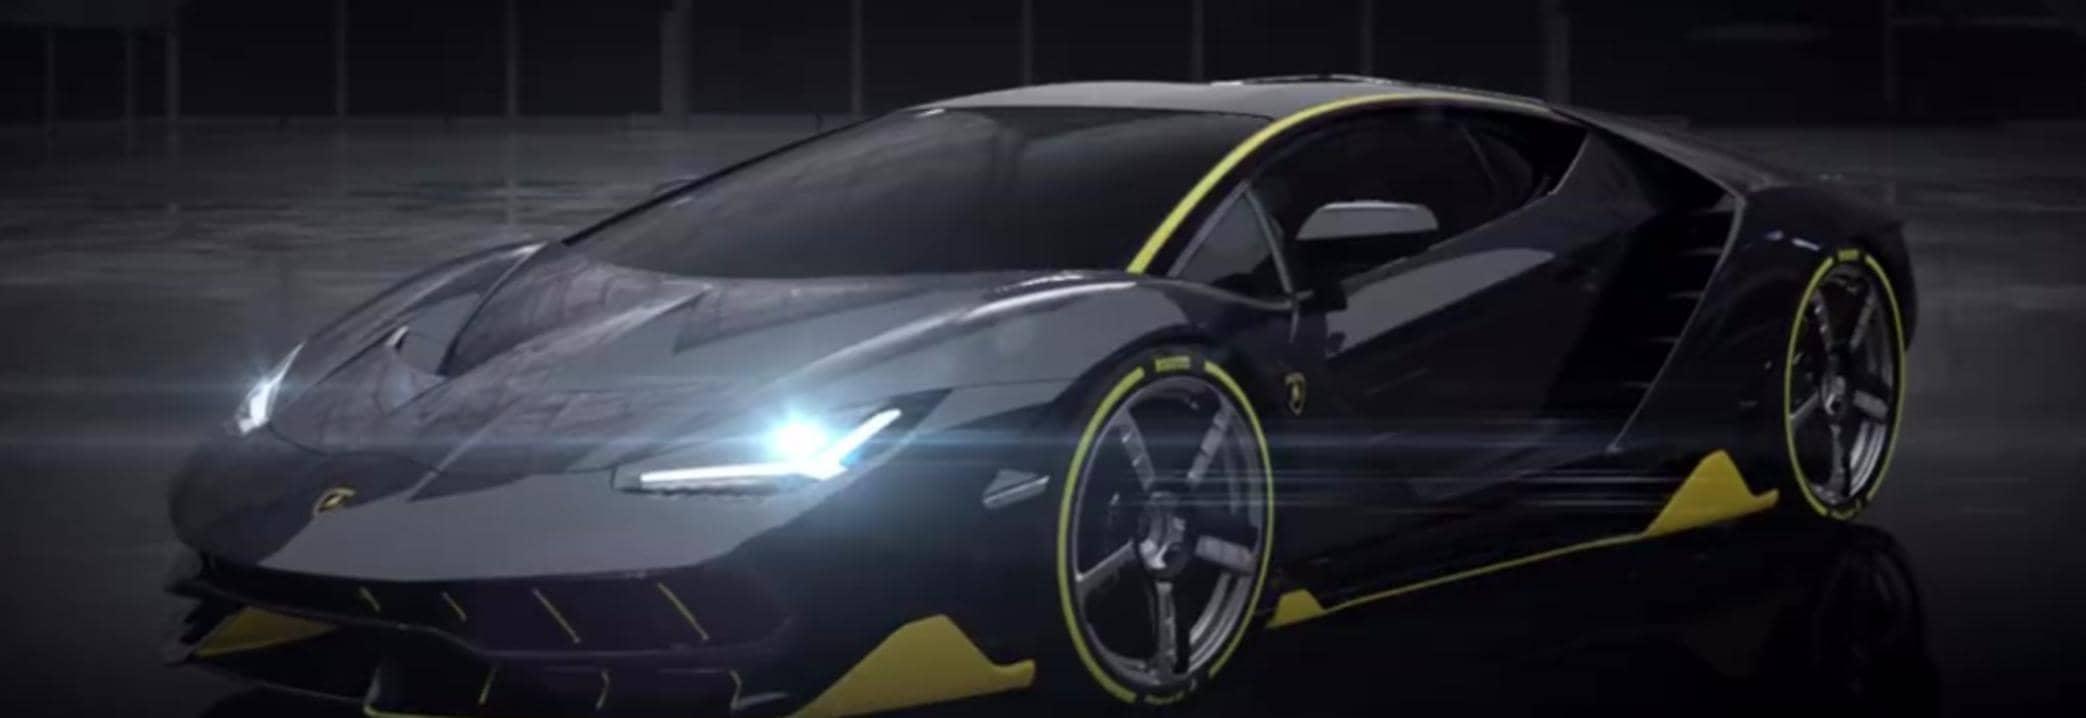 La Lamborghini Centenario LP 770-4 se dévoile en version finale